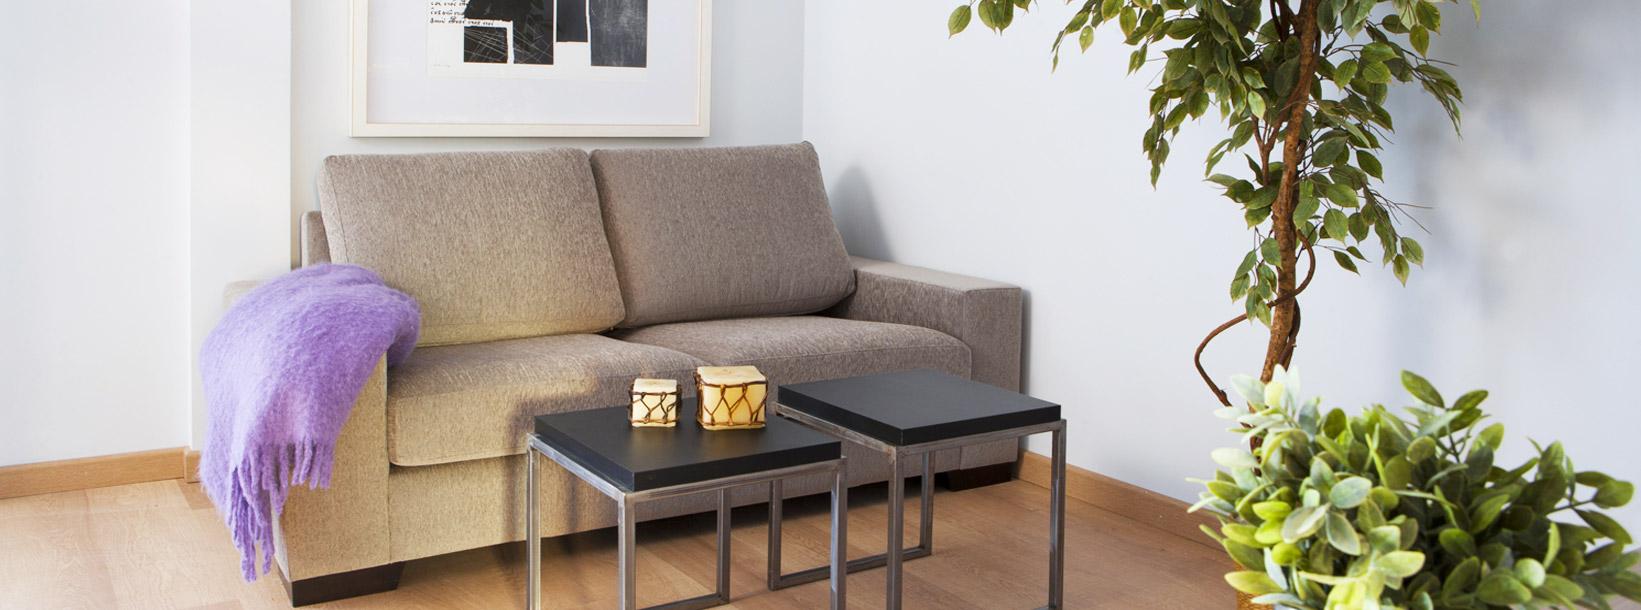 Pisos de alquiler temporal o larga duraci n en madrid - Renta de pisos en madrid ...